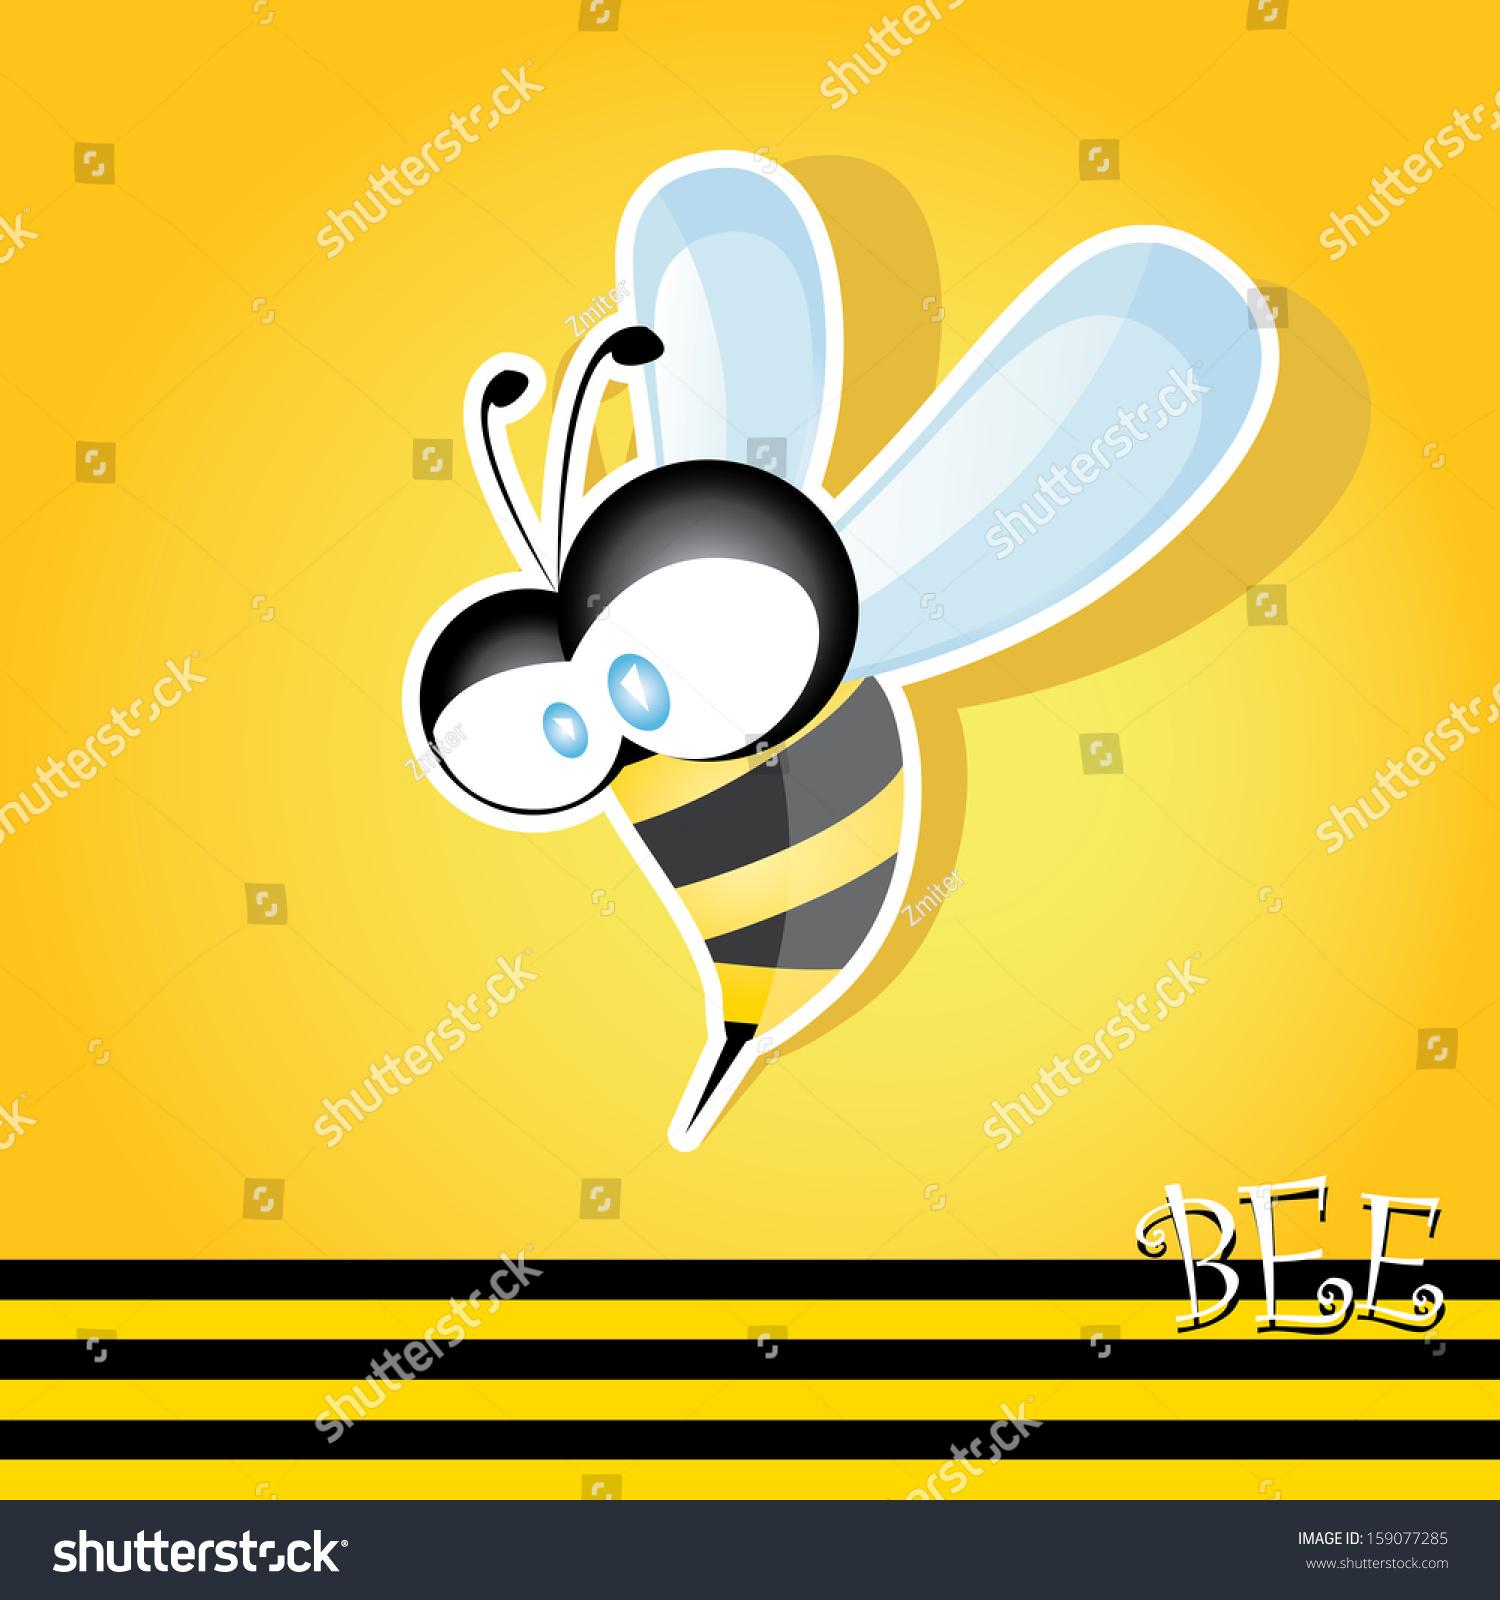 向量蜜蜂图标.卡通可爱聪明的小蜜蜂.矢量插图